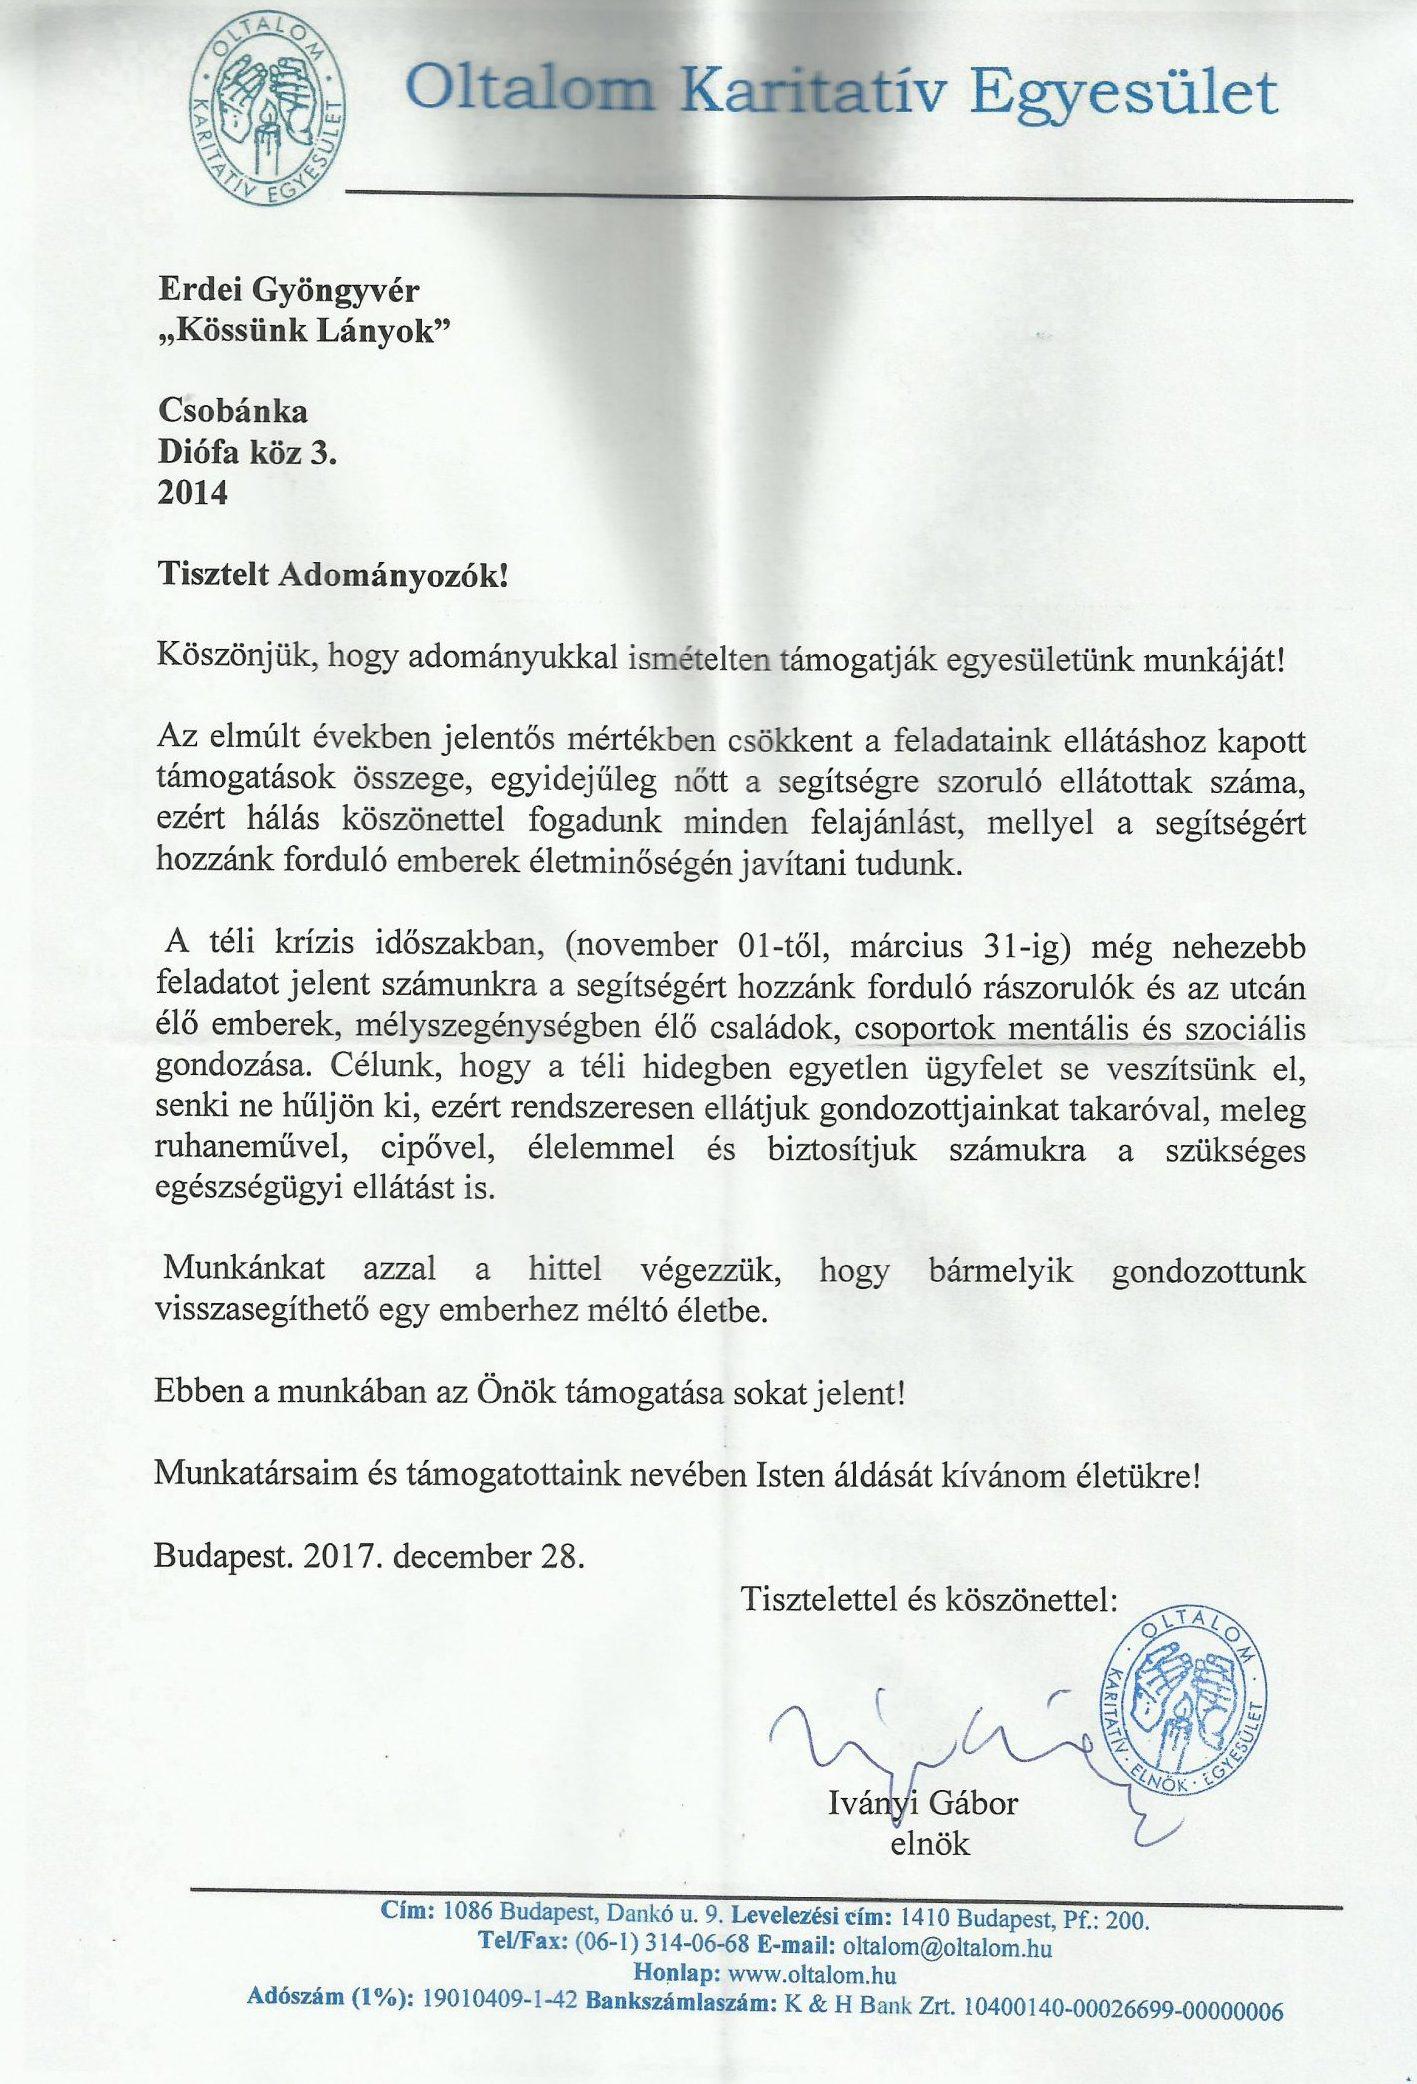 Oltalom Karitativ Egyesület köszönő levél